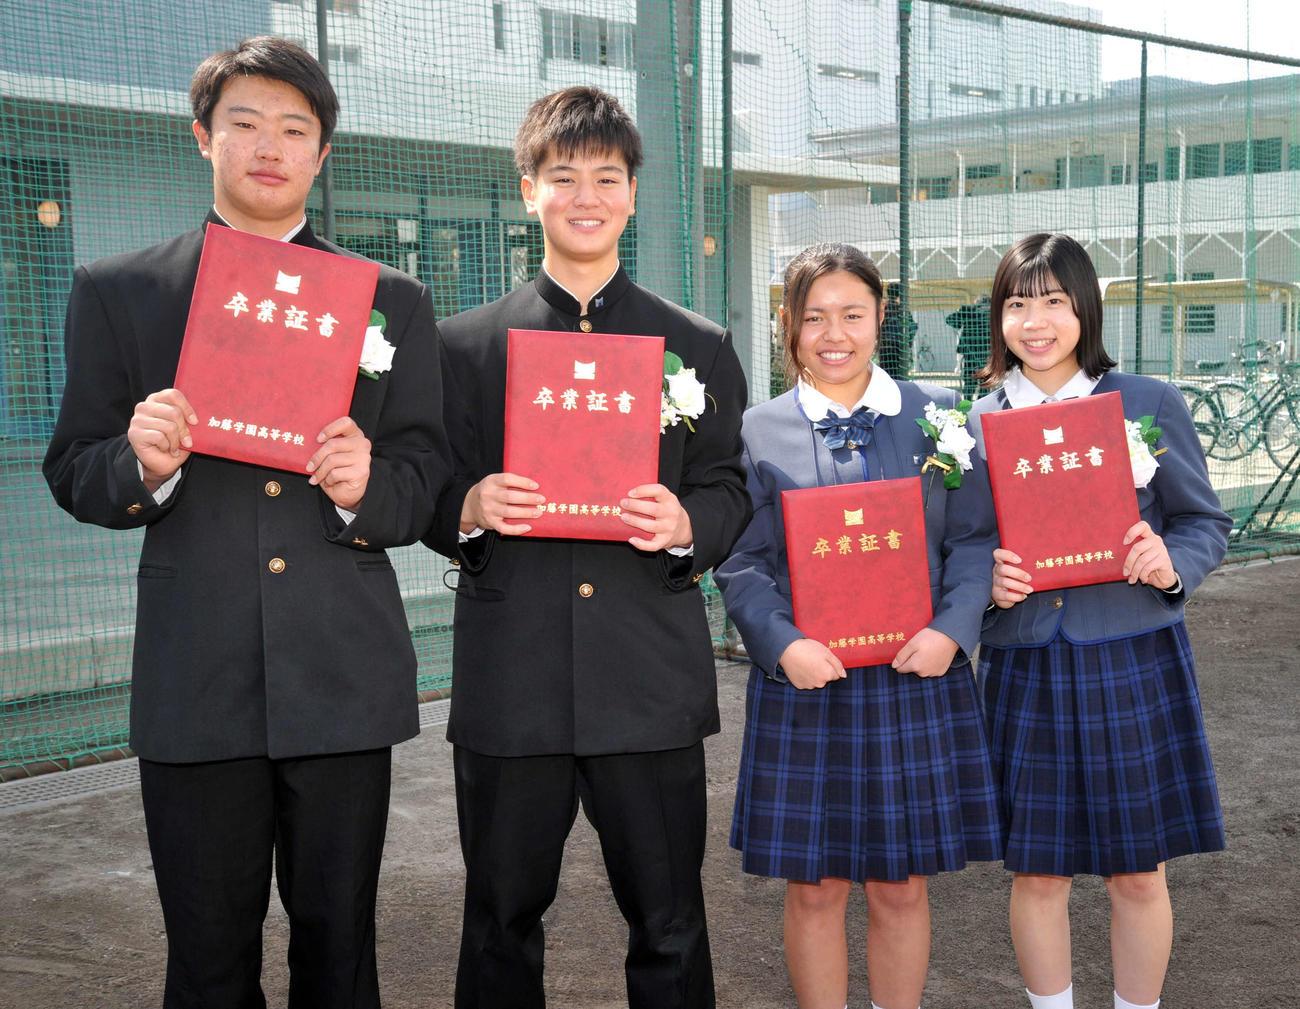 加藤学園高を卒業した元野球部員4人。左から肥沼投手、勝又内野手、山崎マネジャー、清水マネジャー